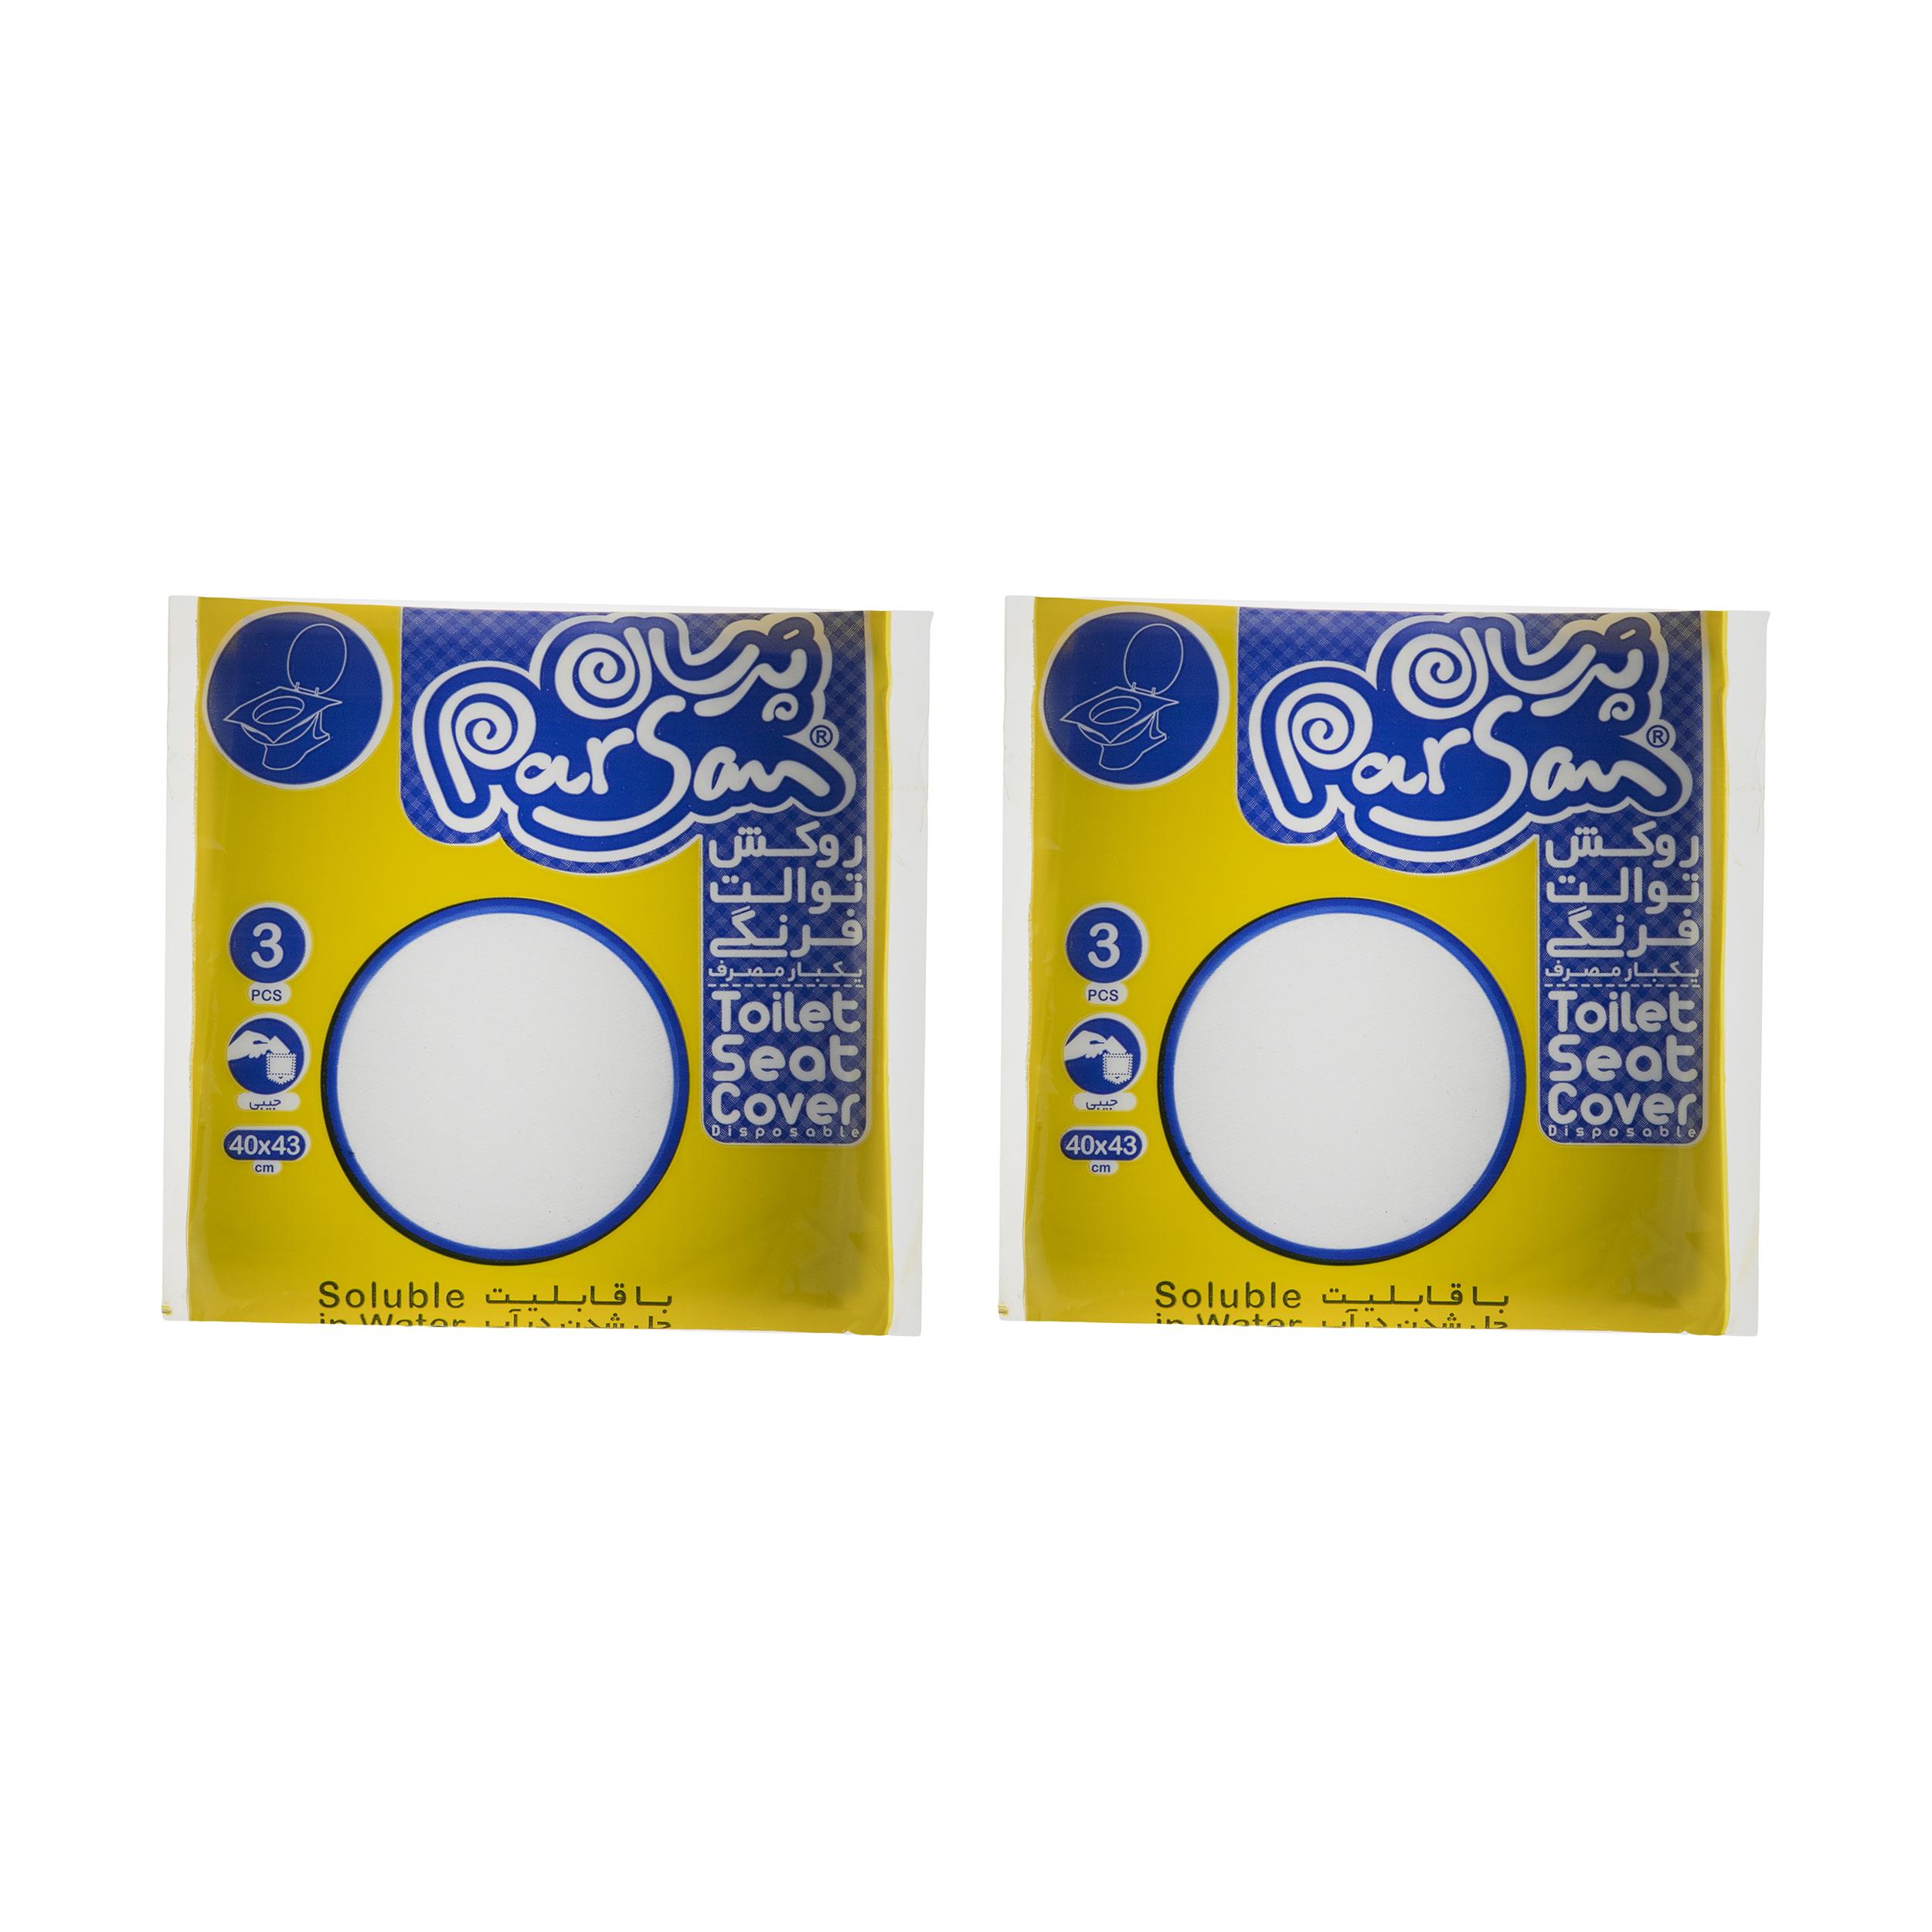 روکش یکبار مصرف توالت فرنگی پرسان کد 500602 دو بسته 3 عددی